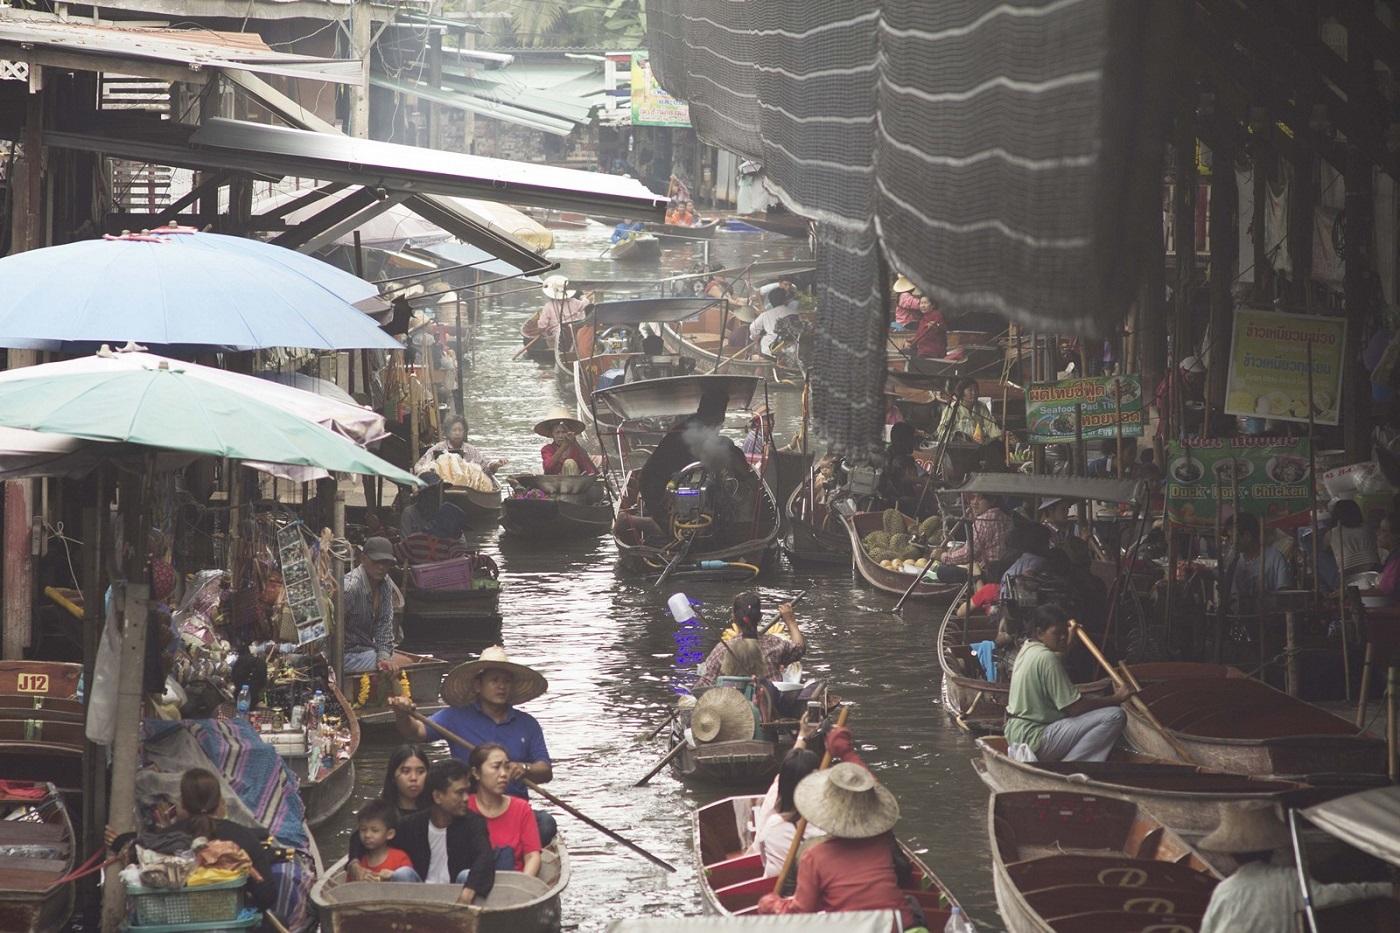 bangkok markets Damnoen Saduak Main Canal